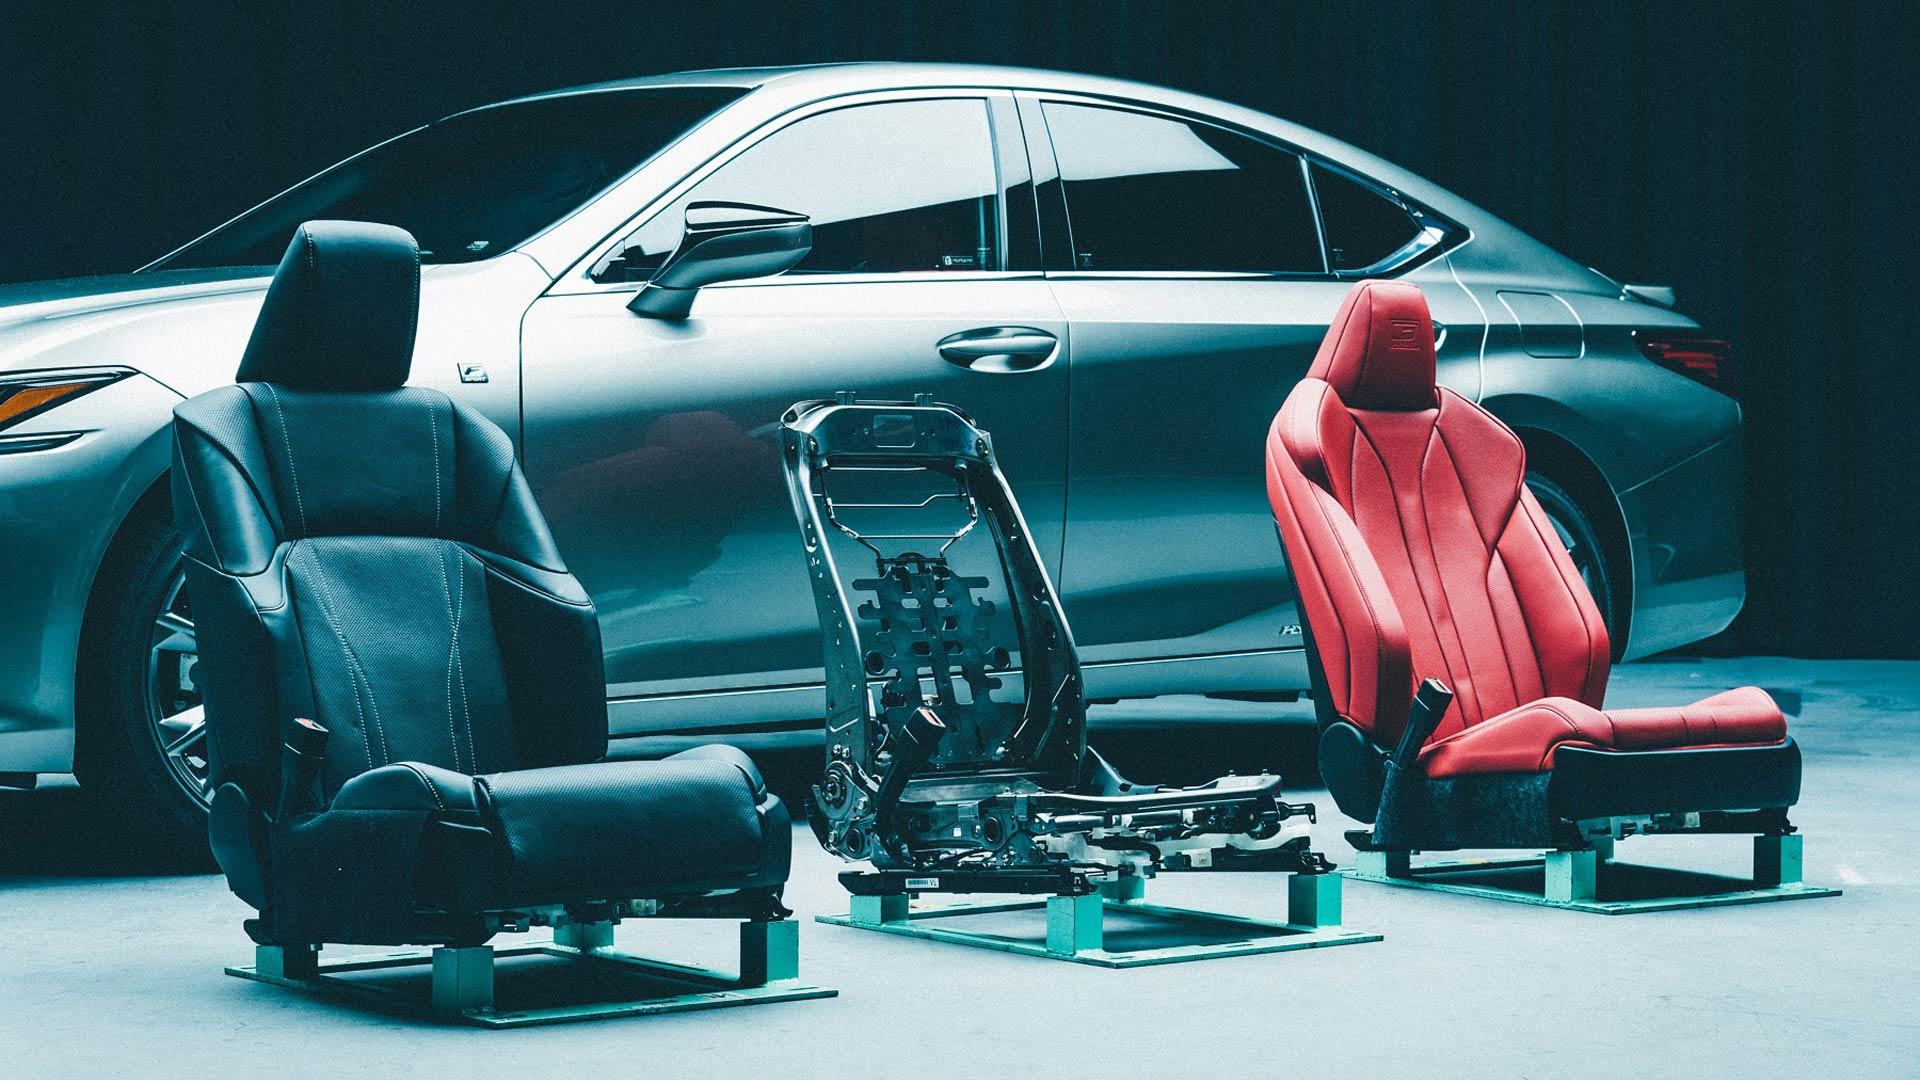 Lexus'un Sadece Koltukları Bile 3 Yıllık Çalışmanın Ürünü 1920x1080 v2